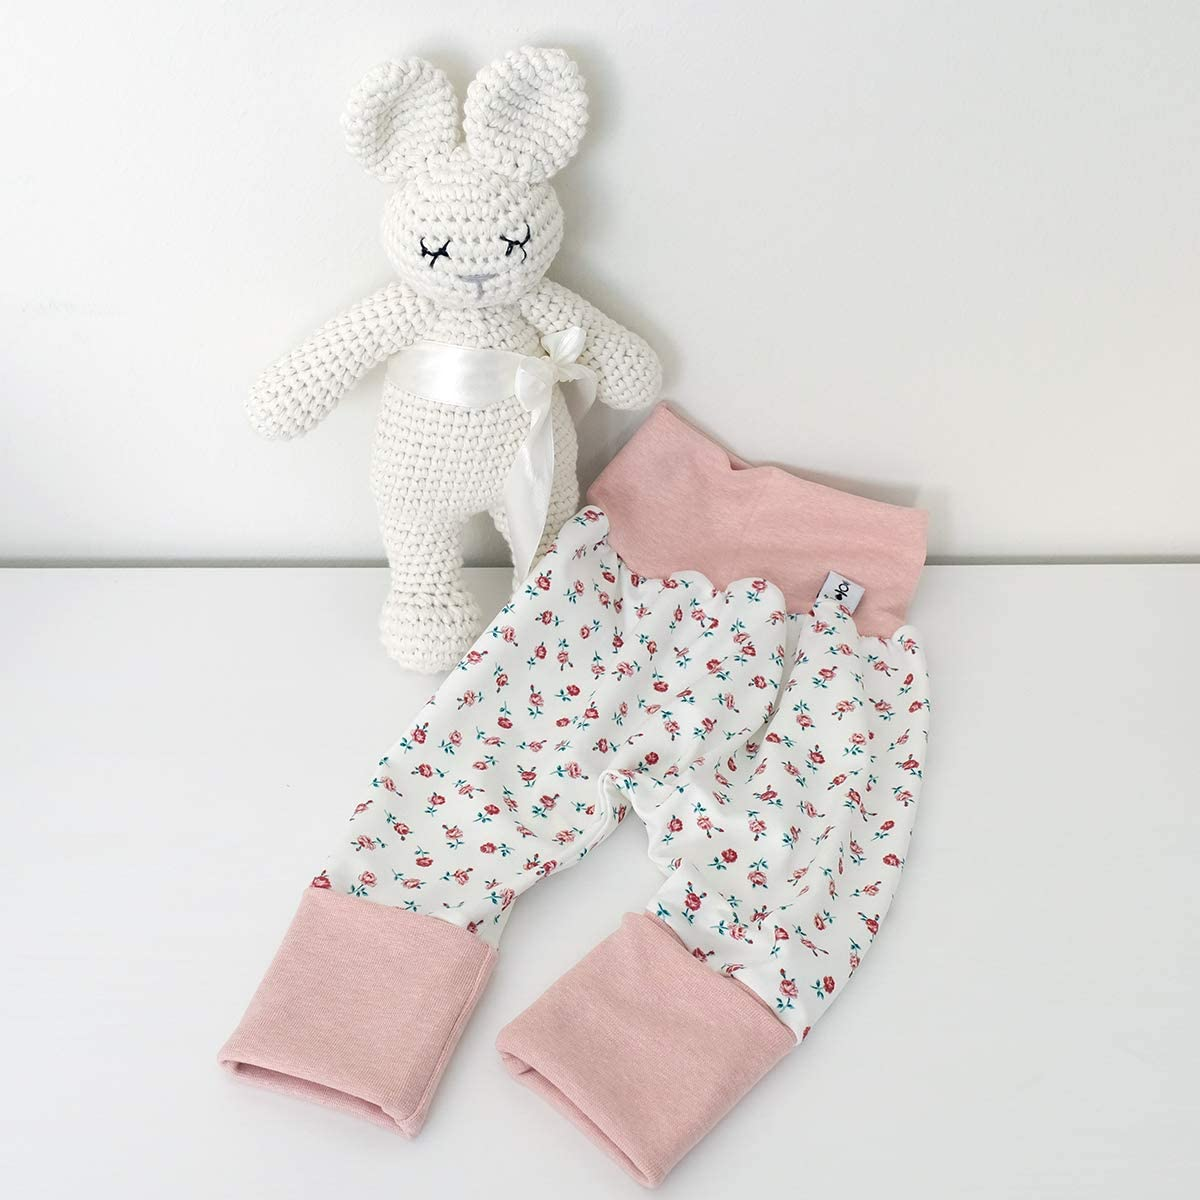 Babystrampler Neugeborenen Strampler in Mitwachsgr/ö/ßen handgefertigt in Deutschland Rose Melange Strampler Cremewei/ß Rosen Schleife Wei/ß